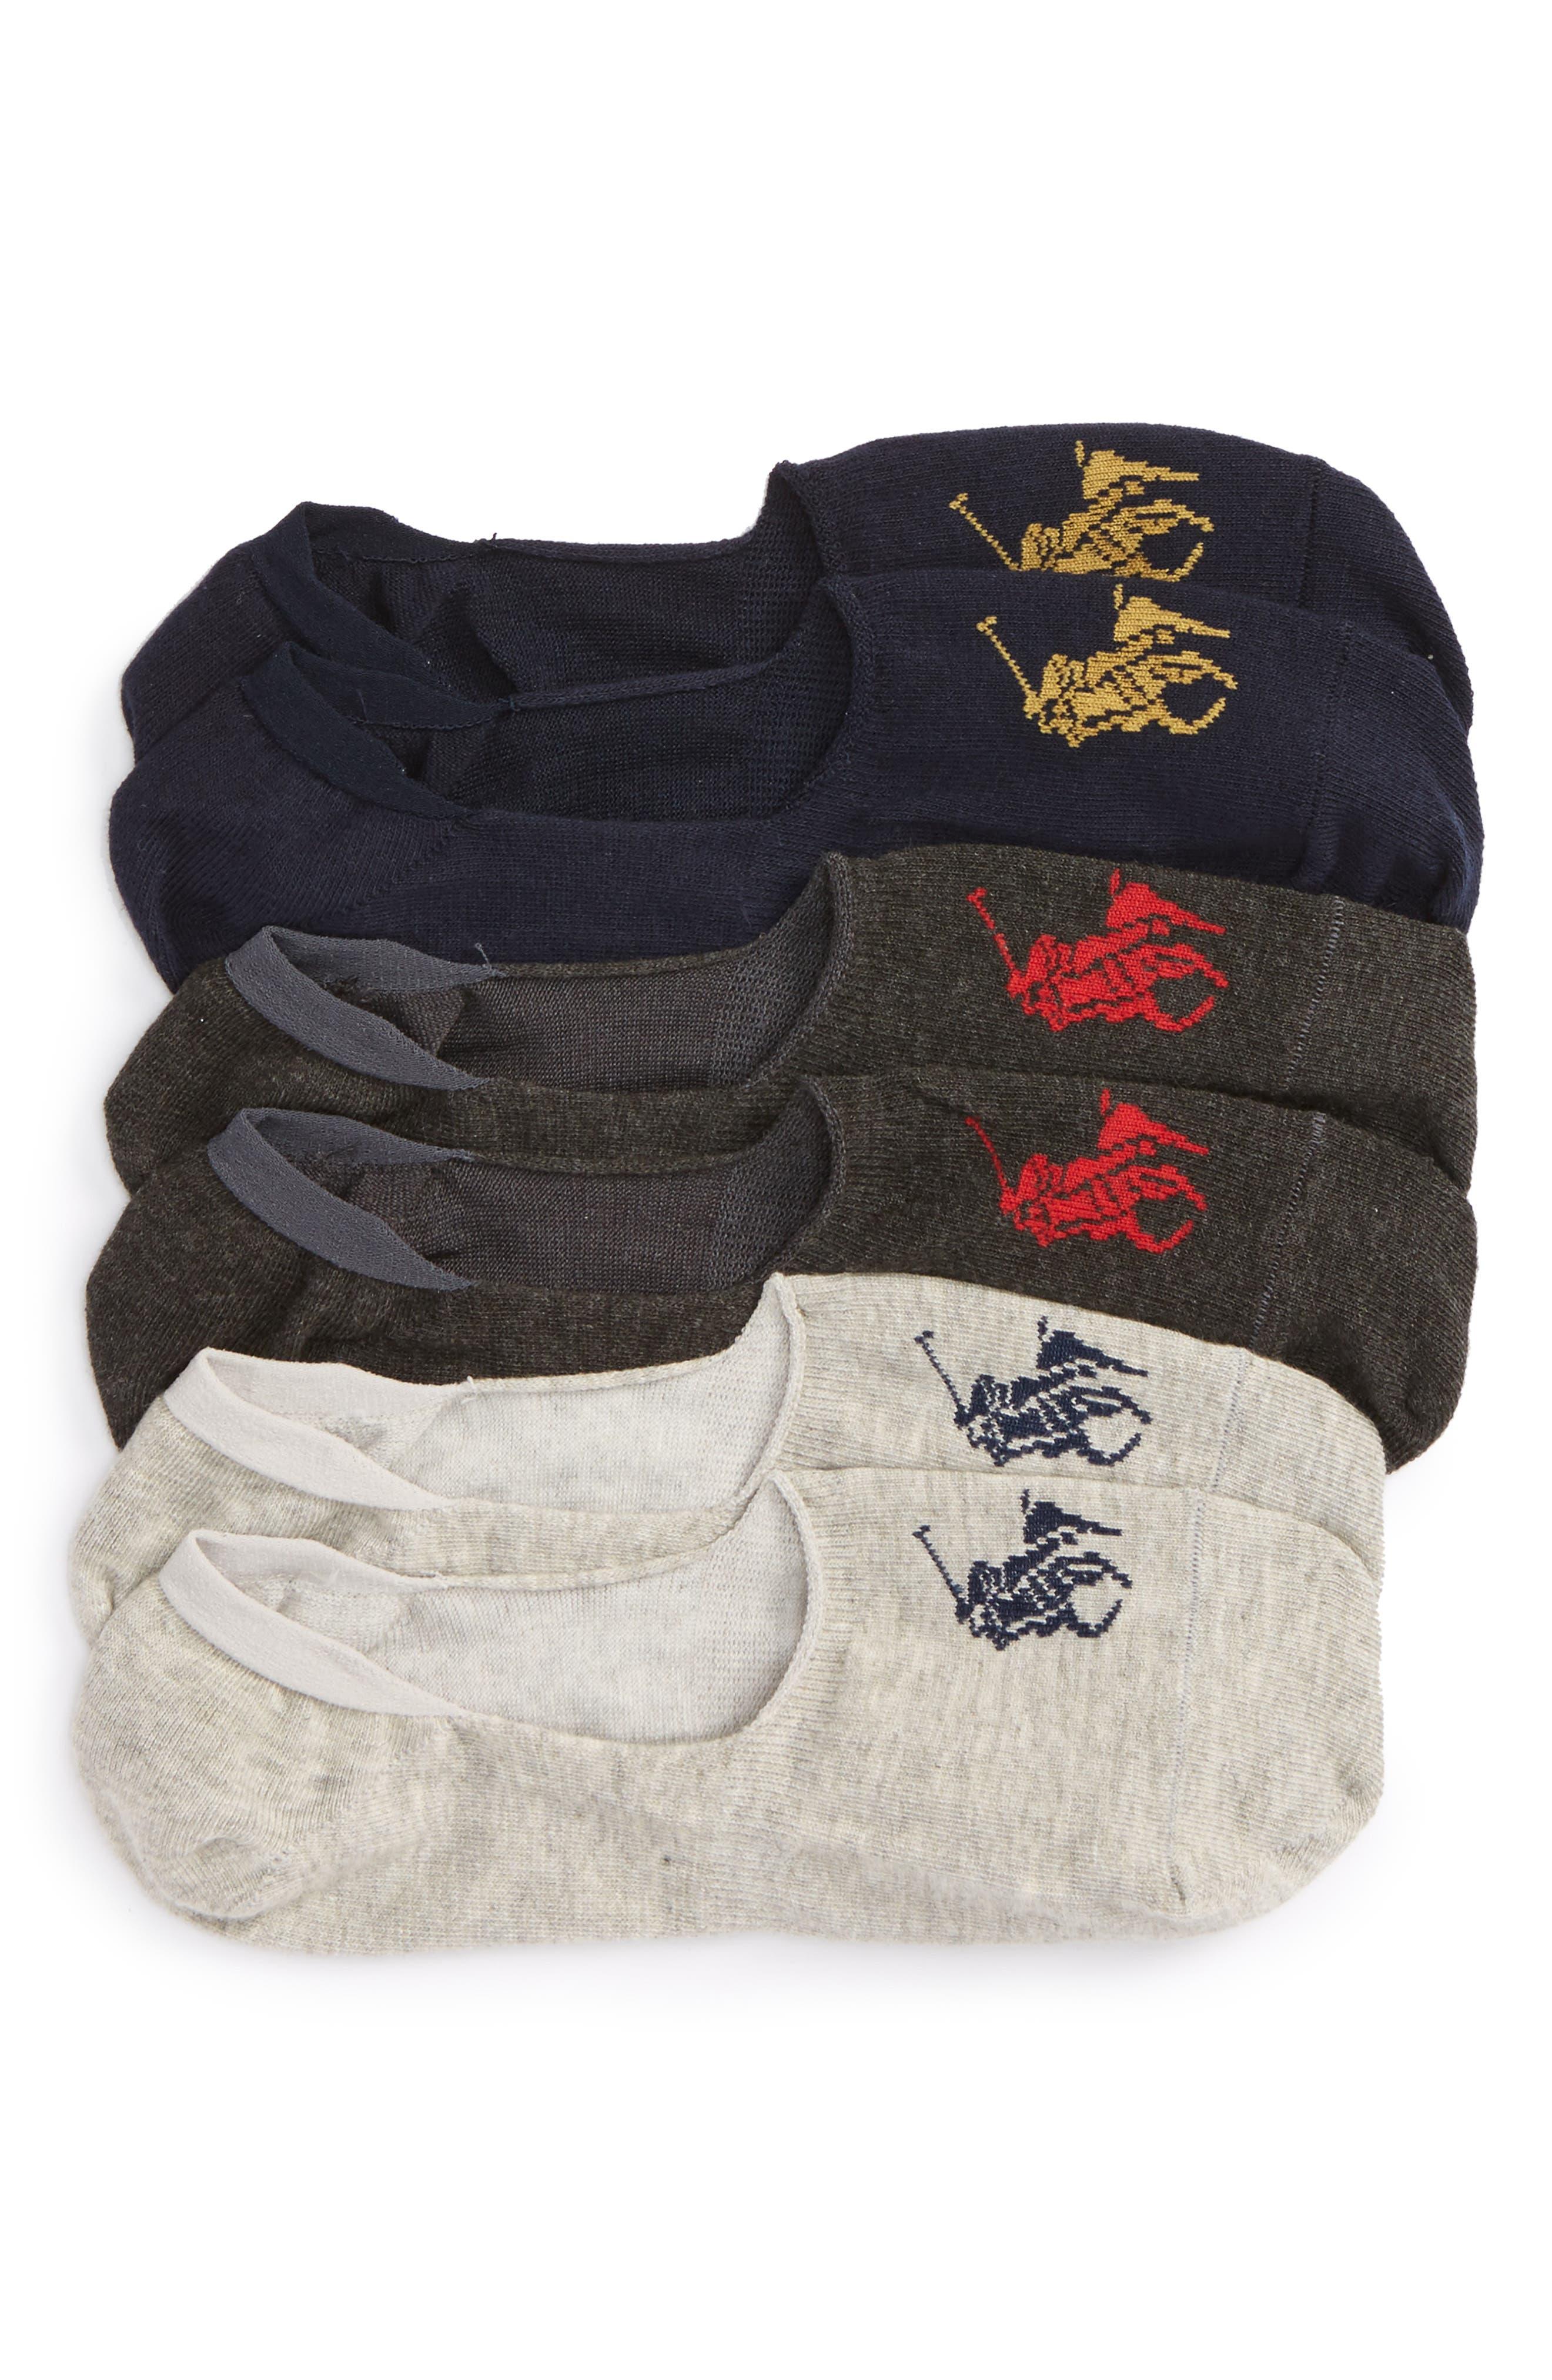 Polo Ralph Lauren Liner Socks (3-Pack) (Men)